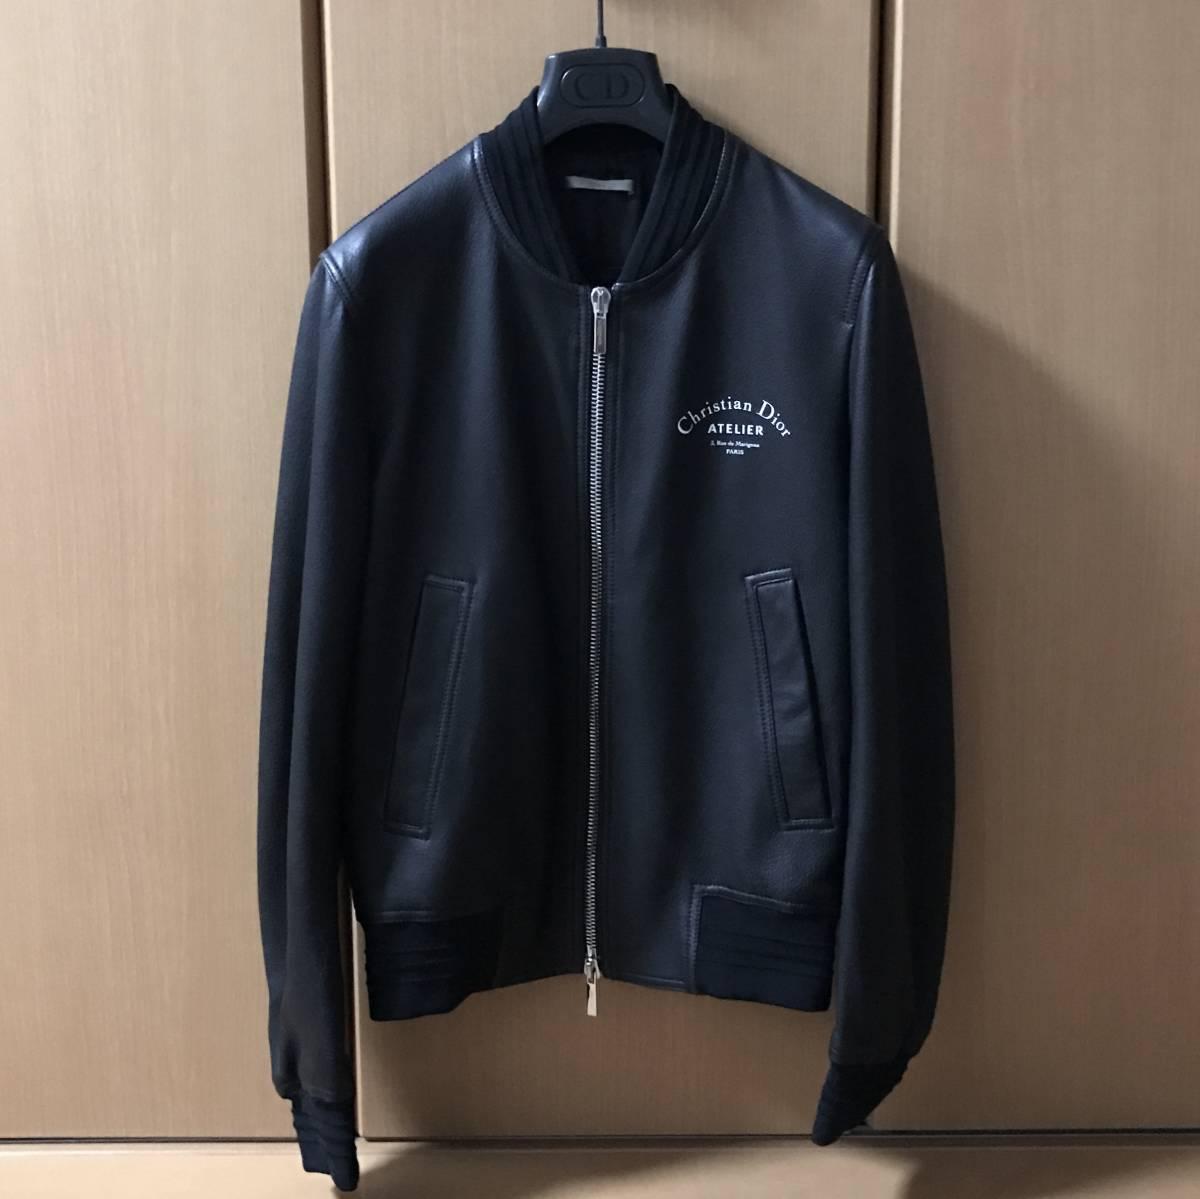 ディオールオムラムレザーライダースジャケット。正規店購入新品未使用品。付属品全完備